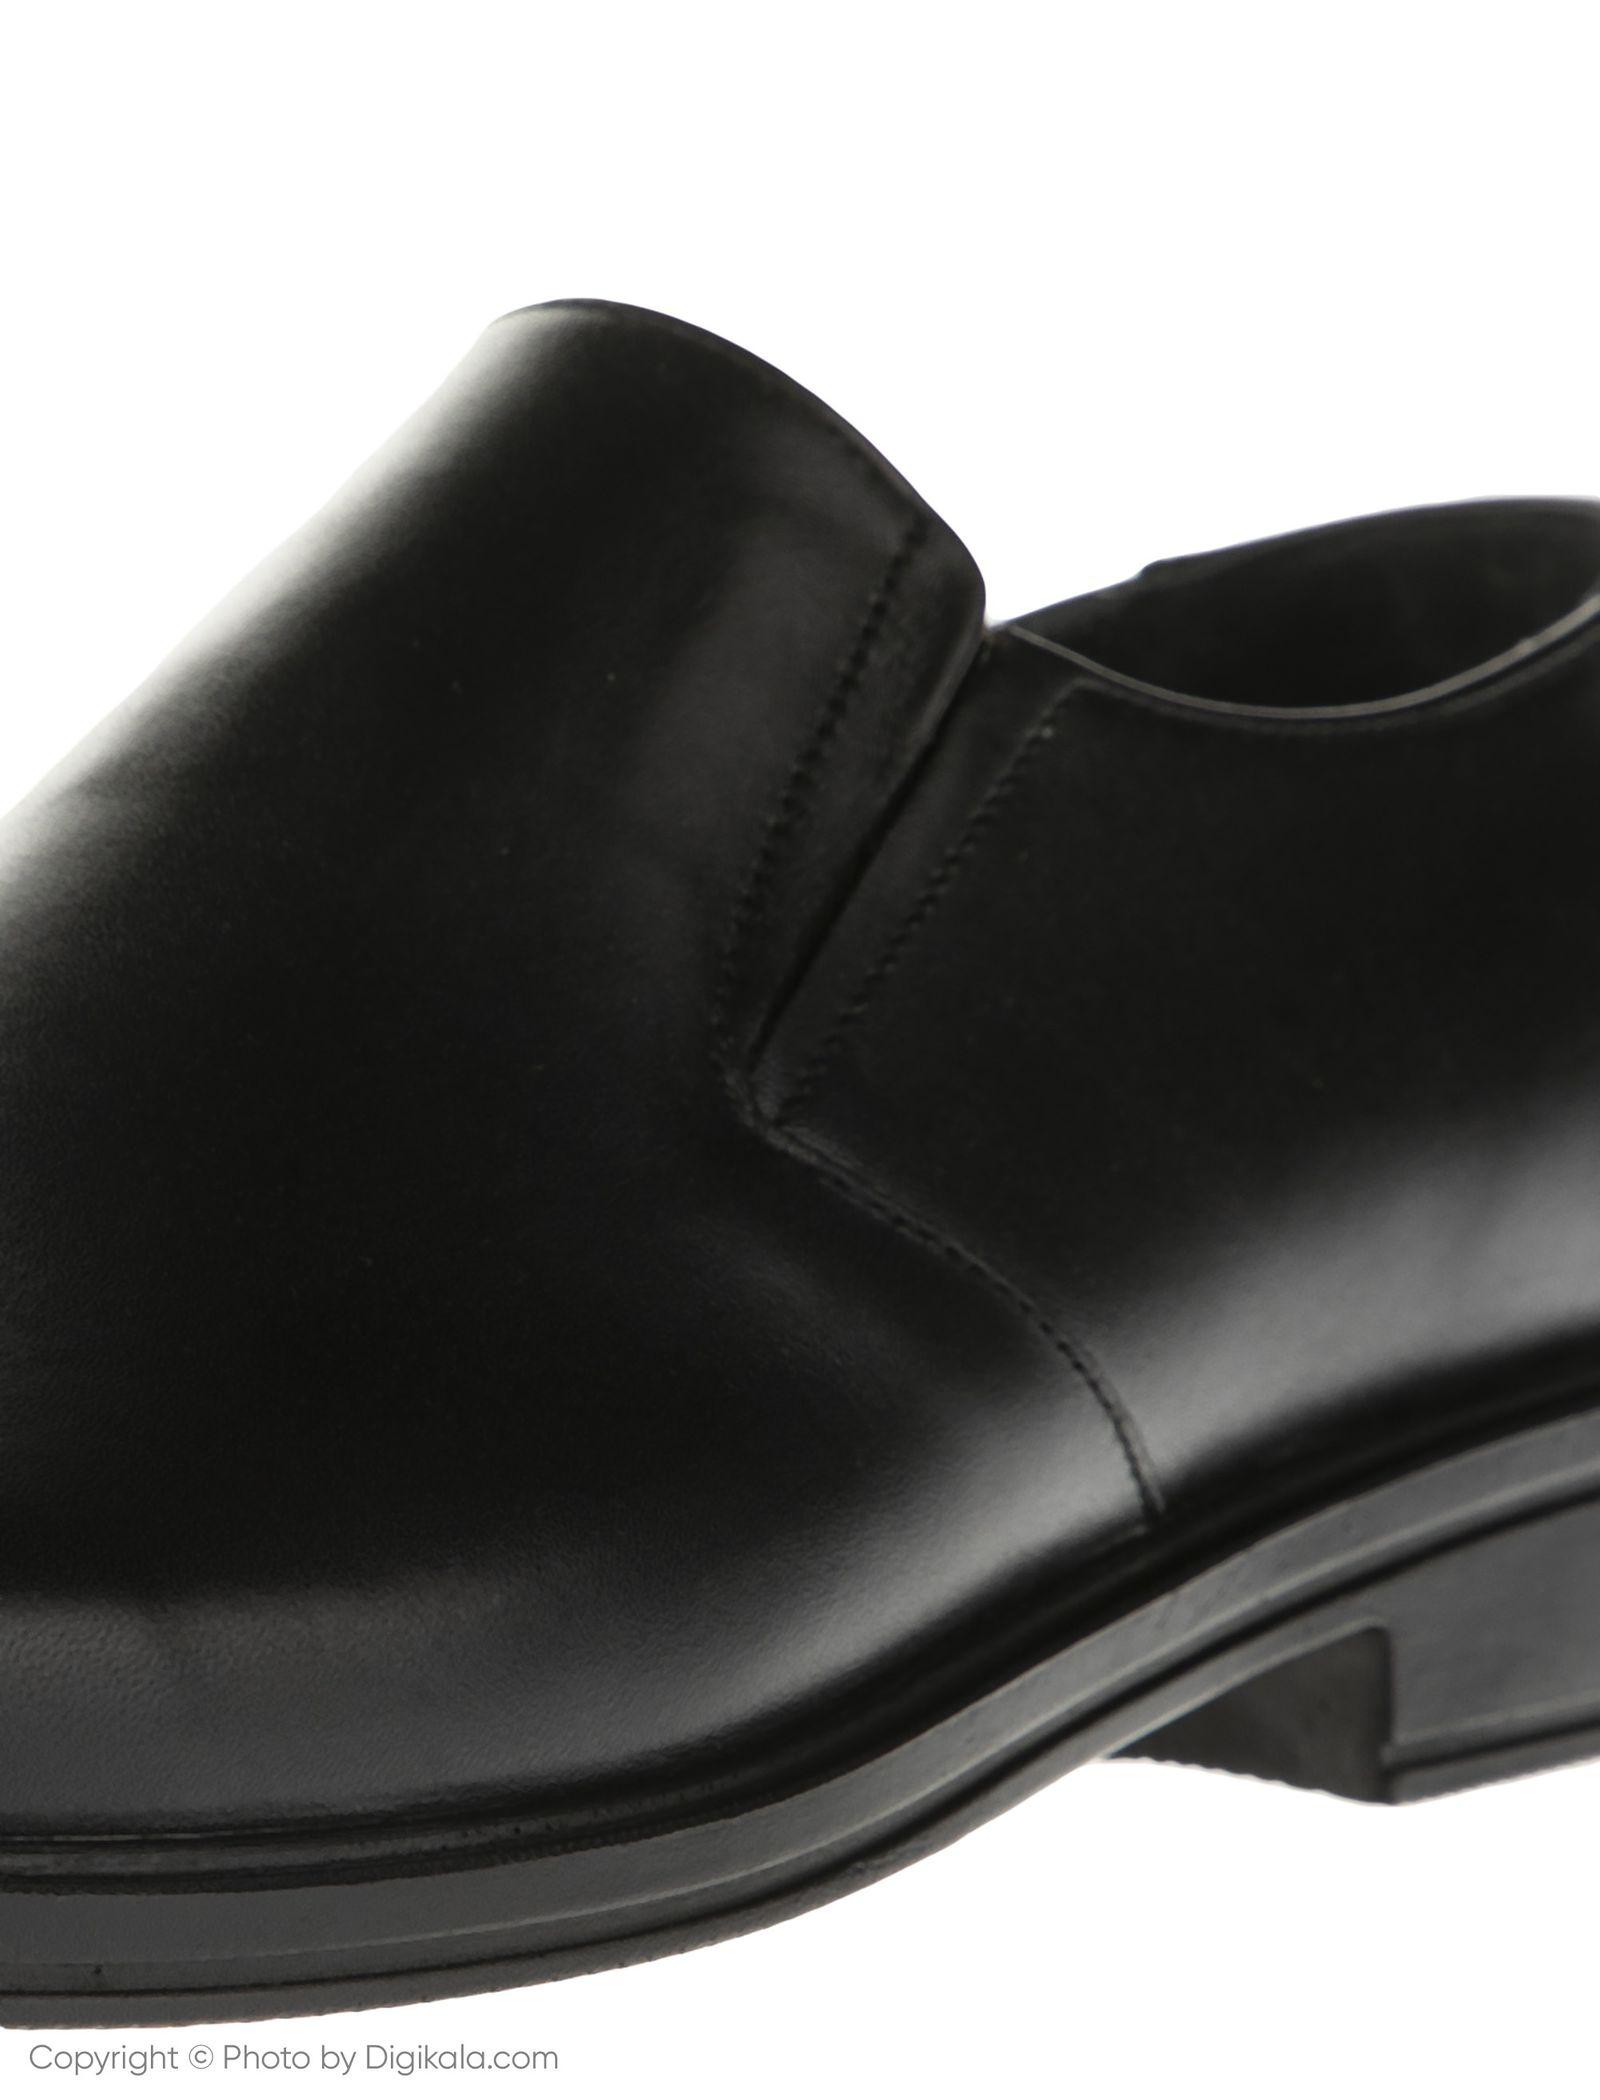 کفش مردانه شیفر مدل 7161B-101 -  - 8